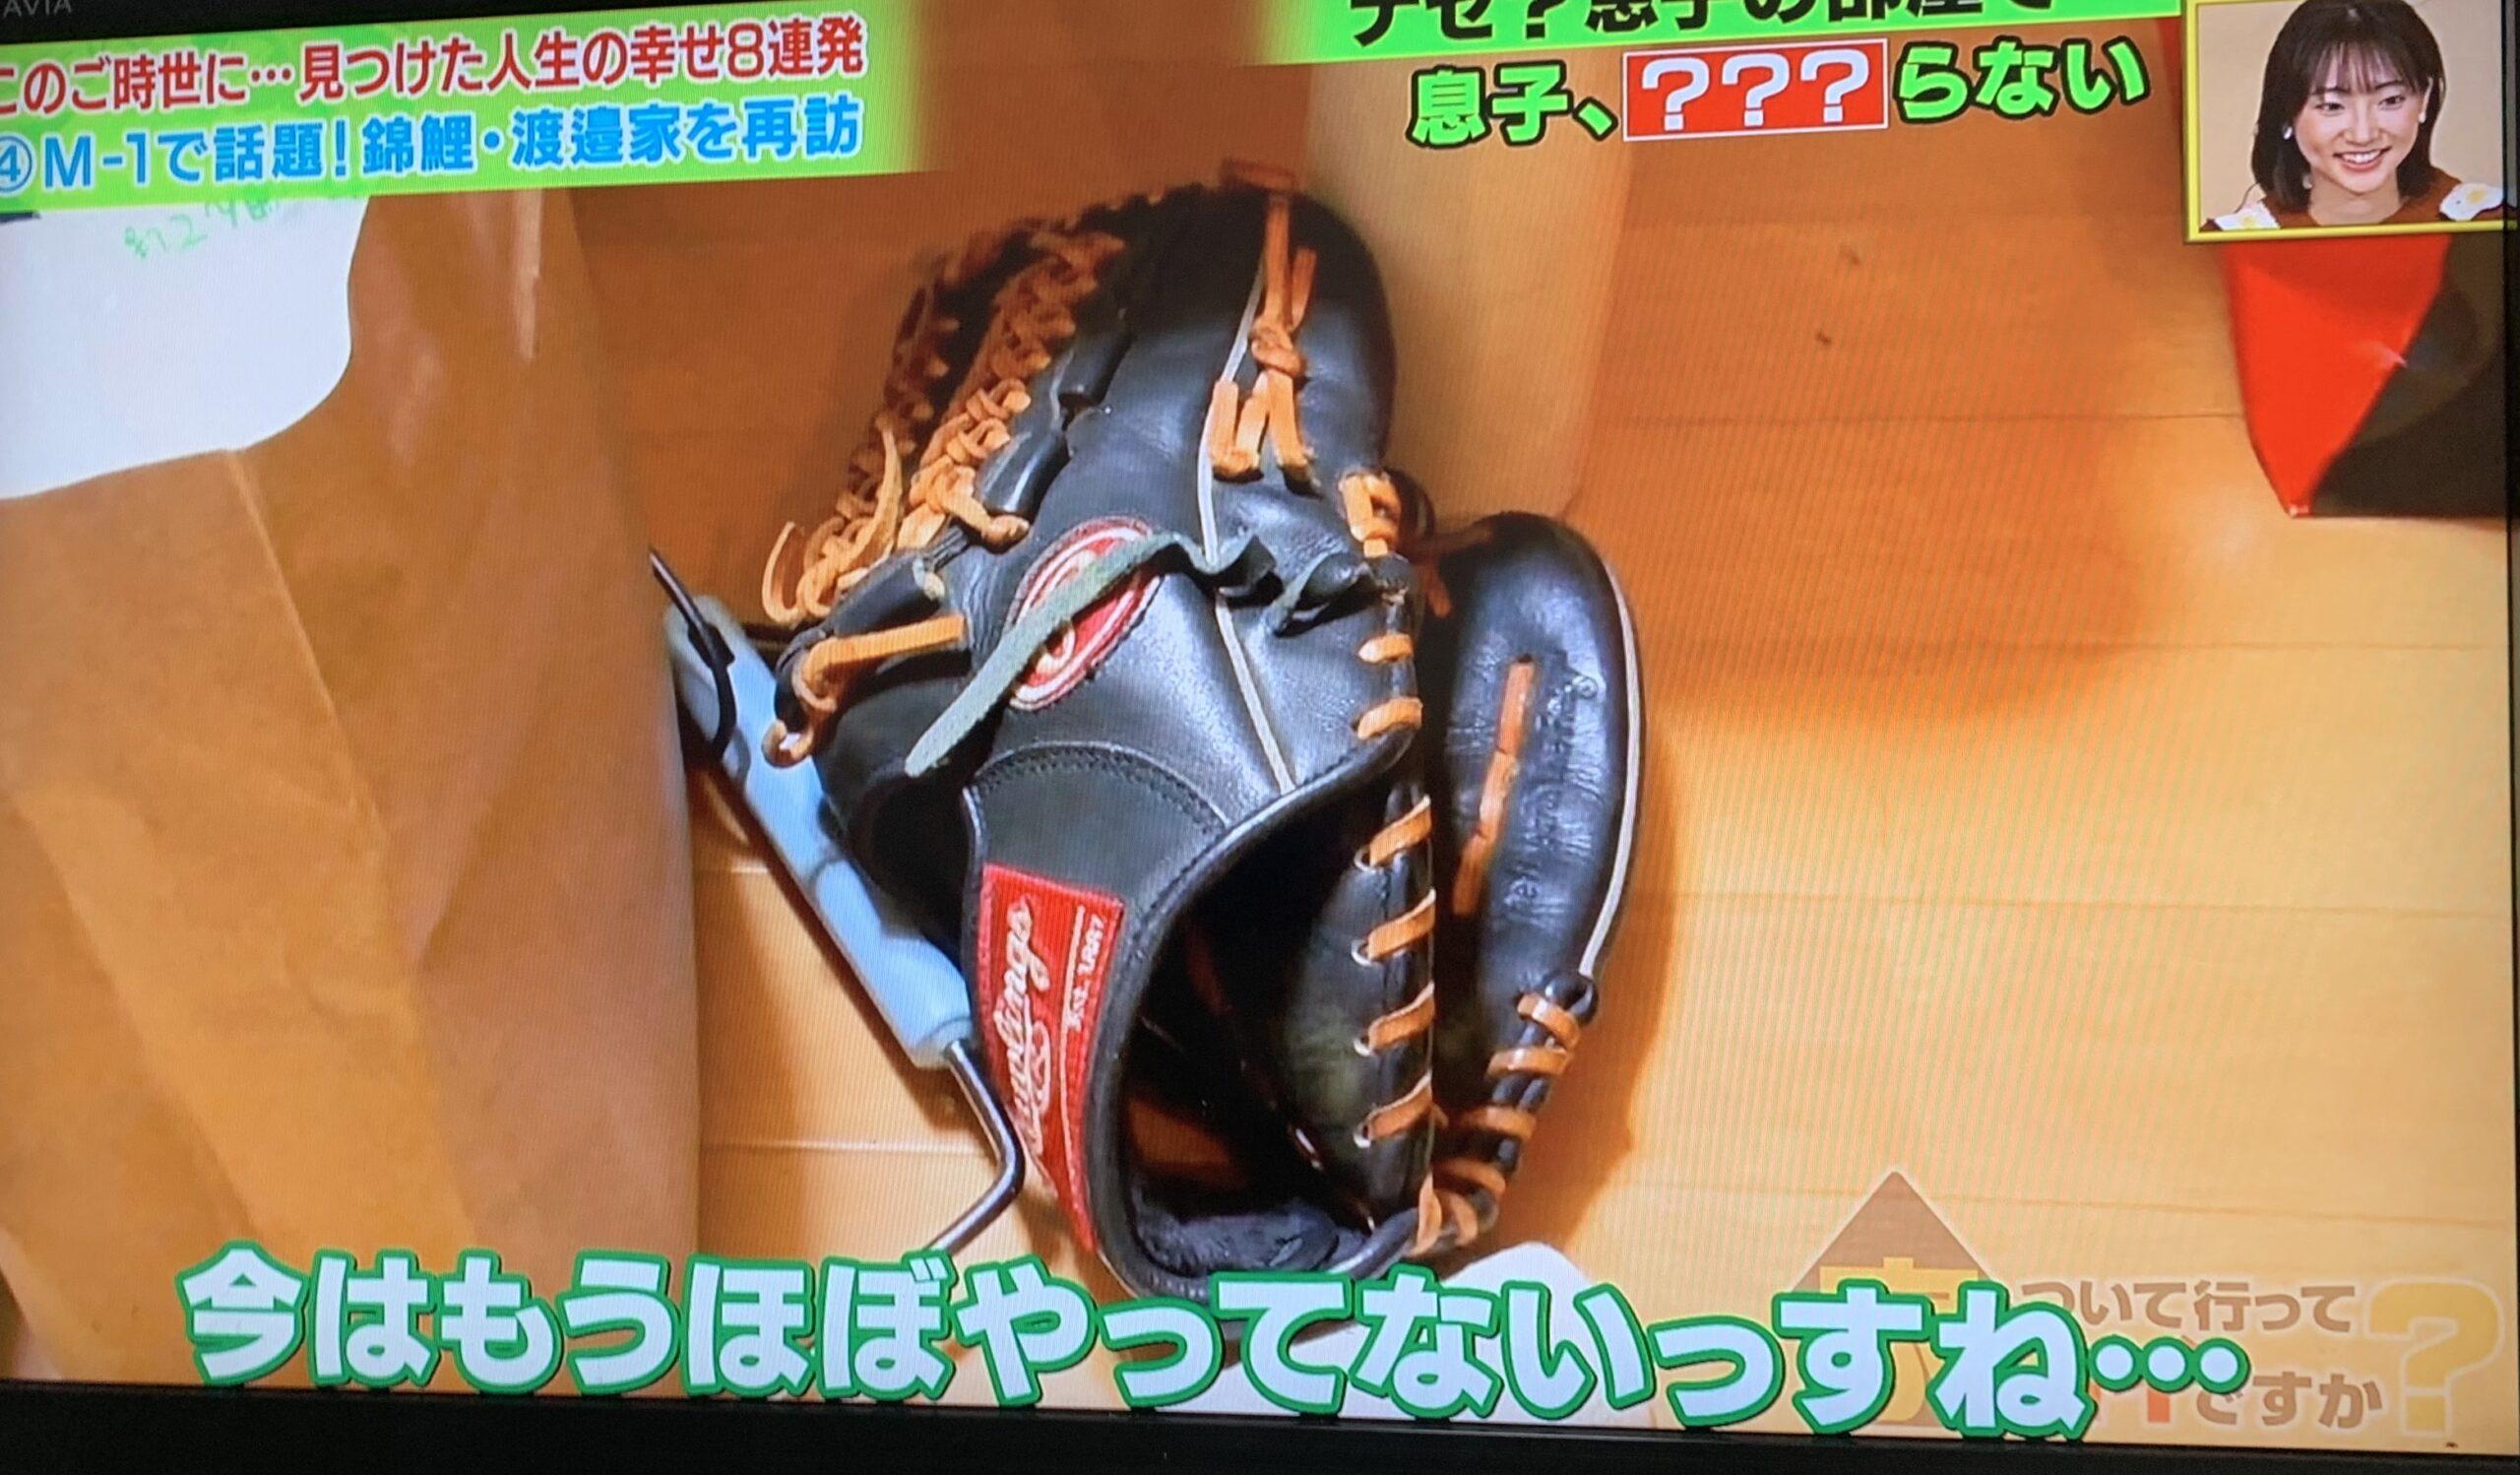 錦鯉。渡辺隆は野球少年だった